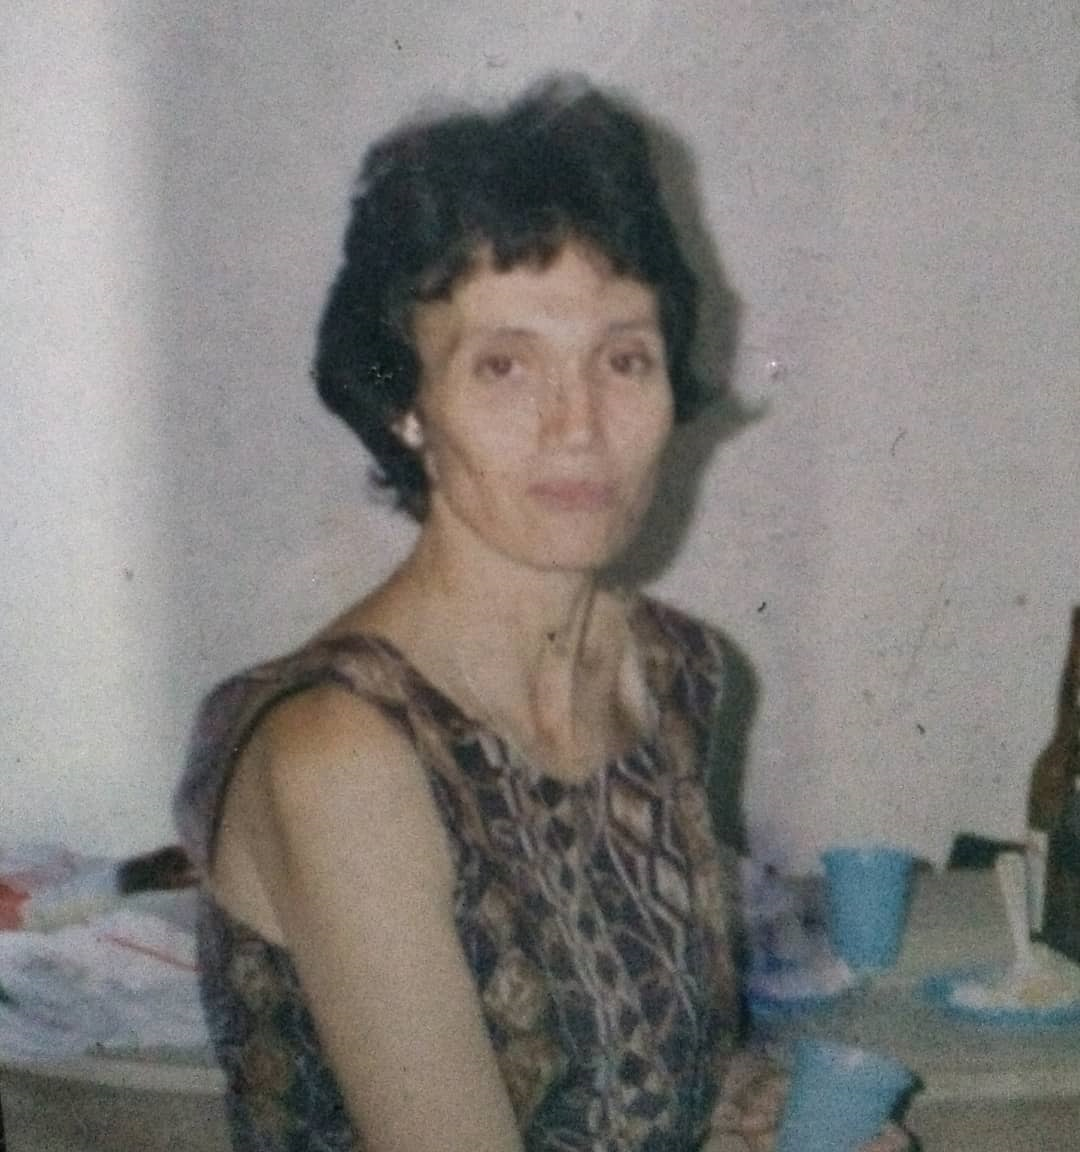 Sueli pada tahun 1996.